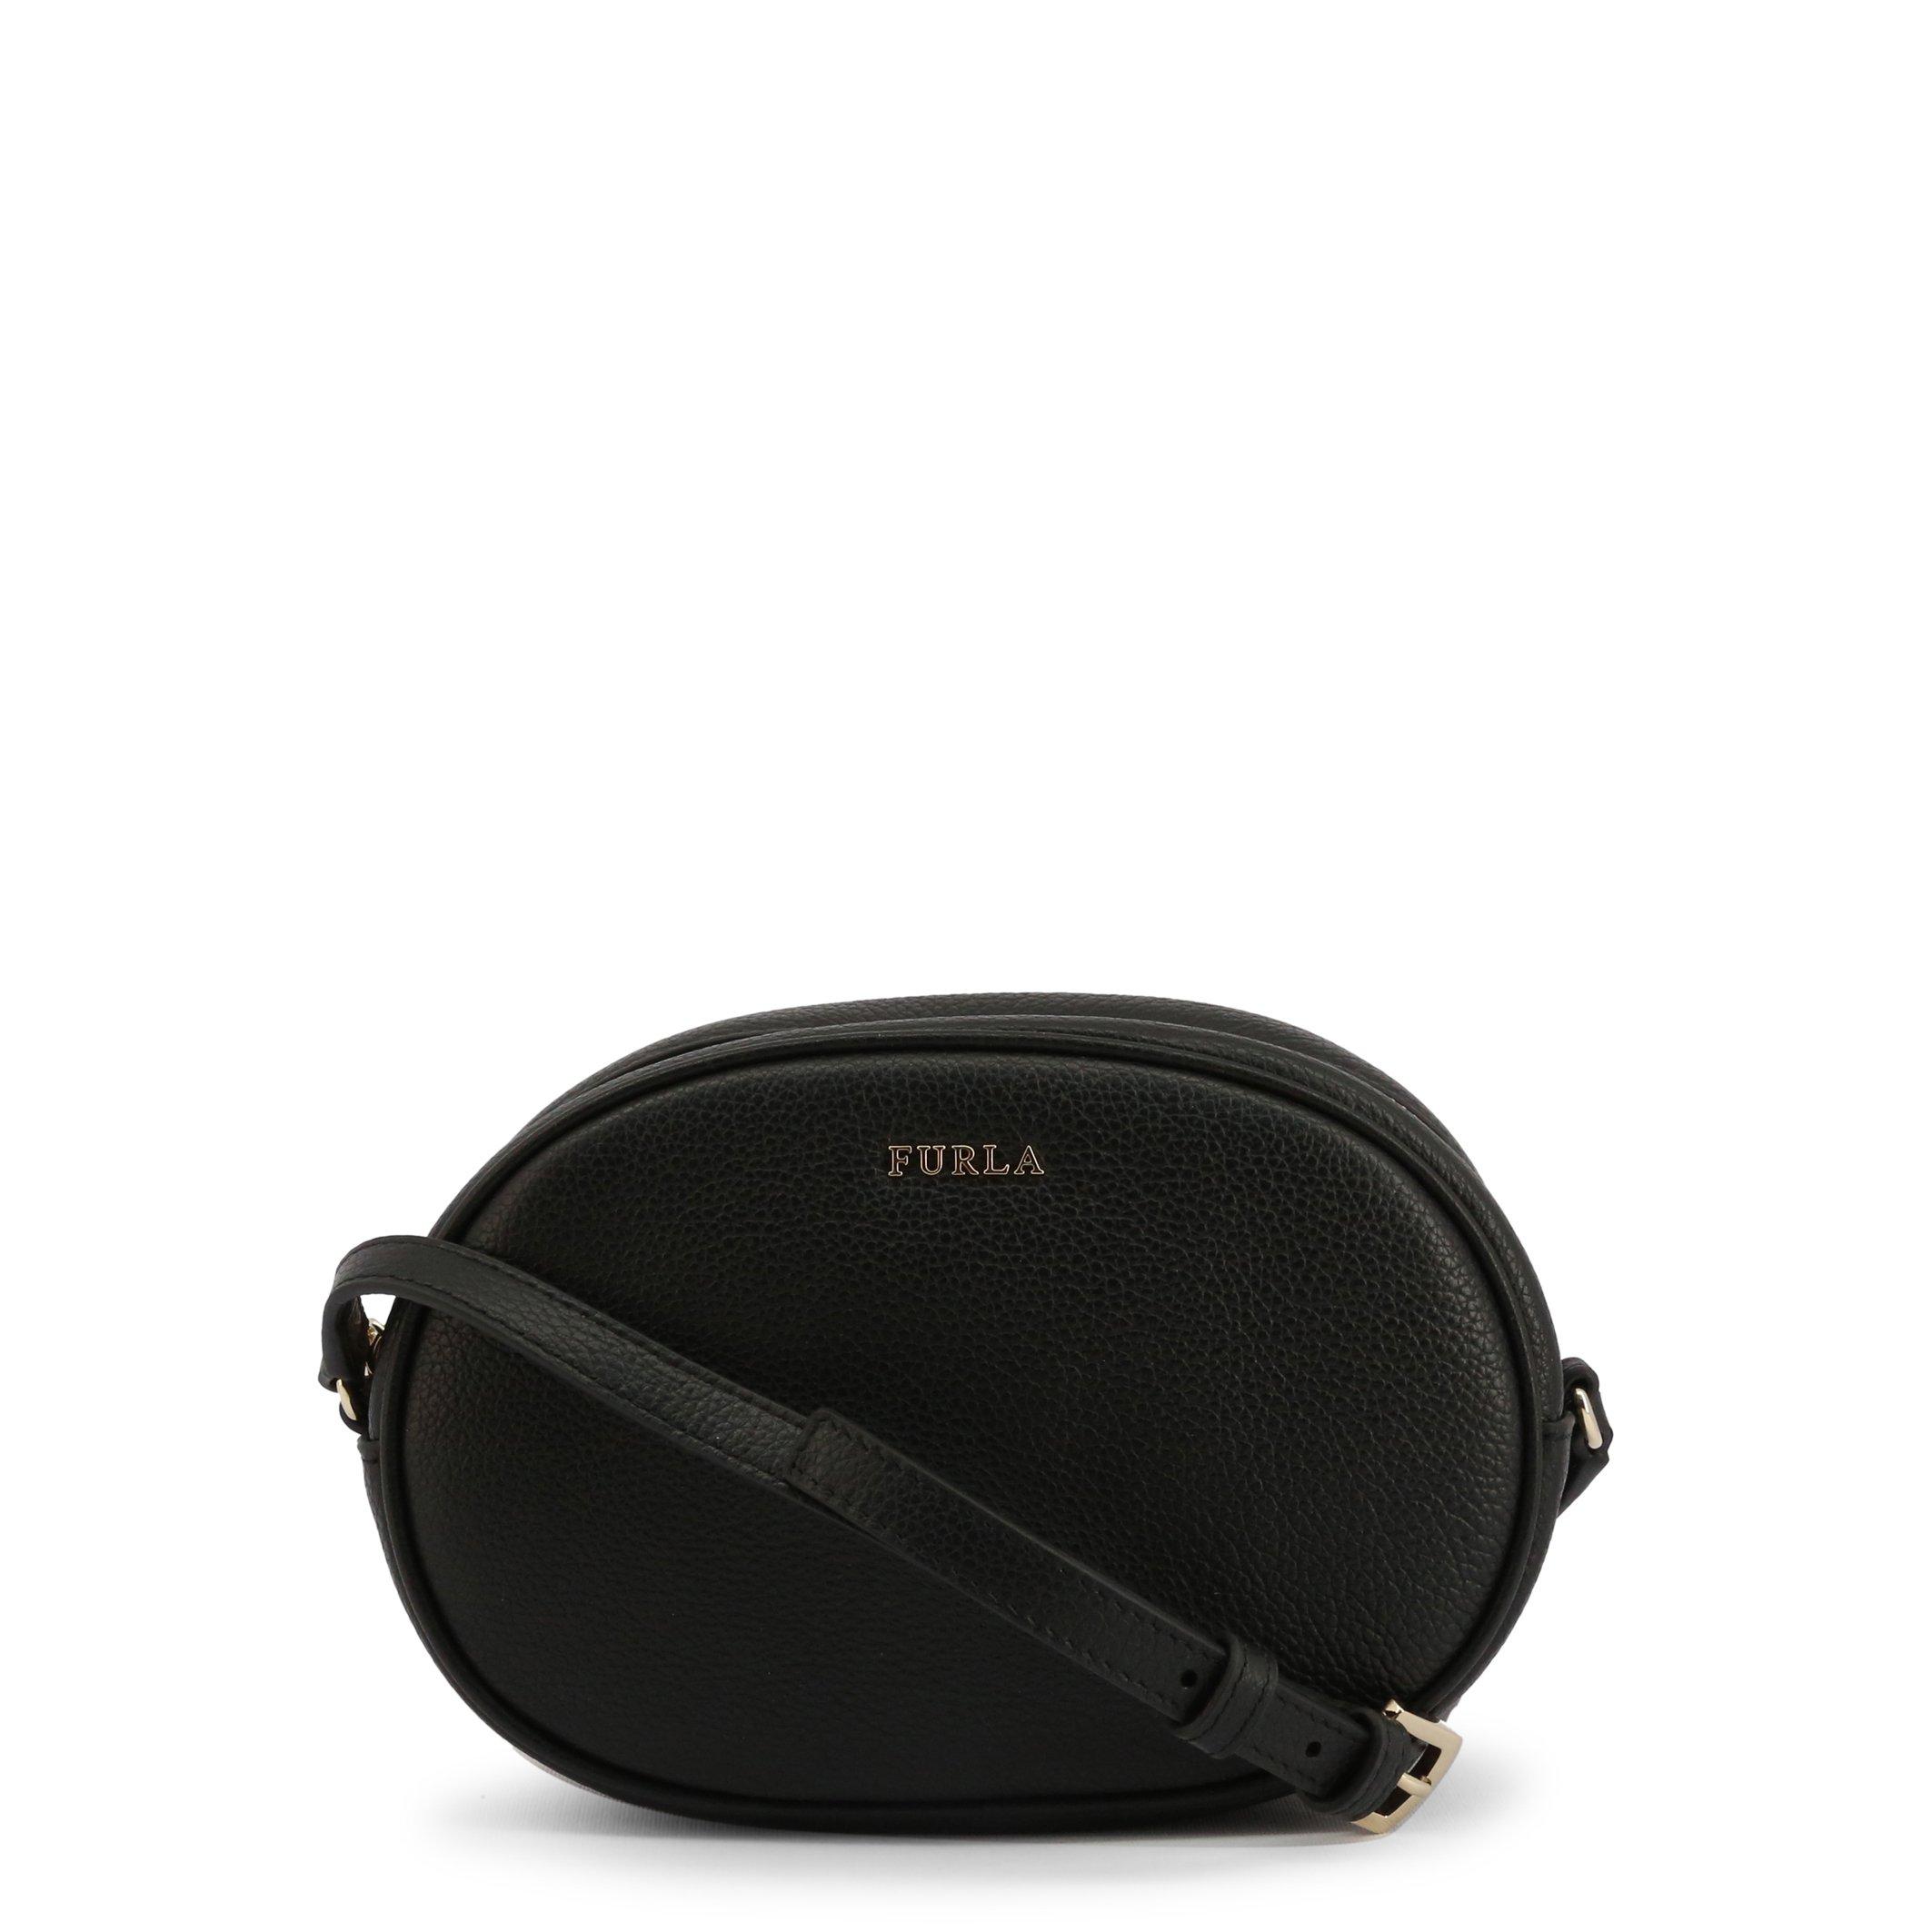 Furla Women's Crossbody Bag Various Colours CARA_VTO - black NOSIZE